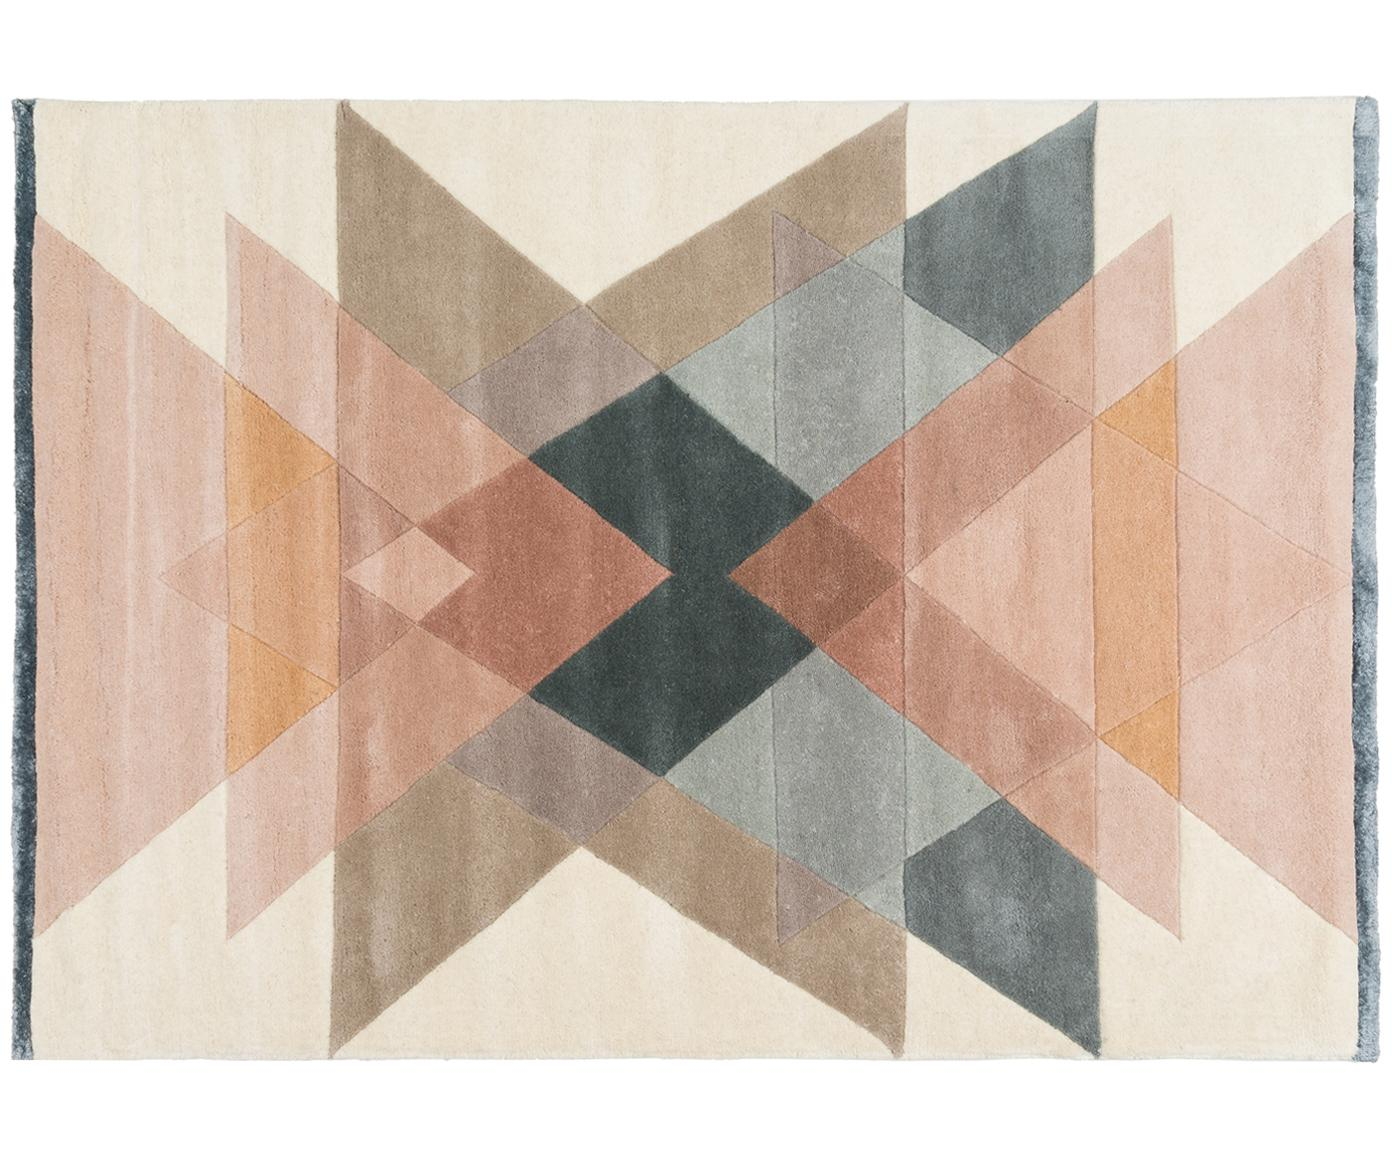 Tappeto in lana taftato a mano Freya, Vello: 95% lana, 5% viscosa Retr, Beige, rosa, blu grigio, Larg. 140 x Lung. 200 cm (taglia S)